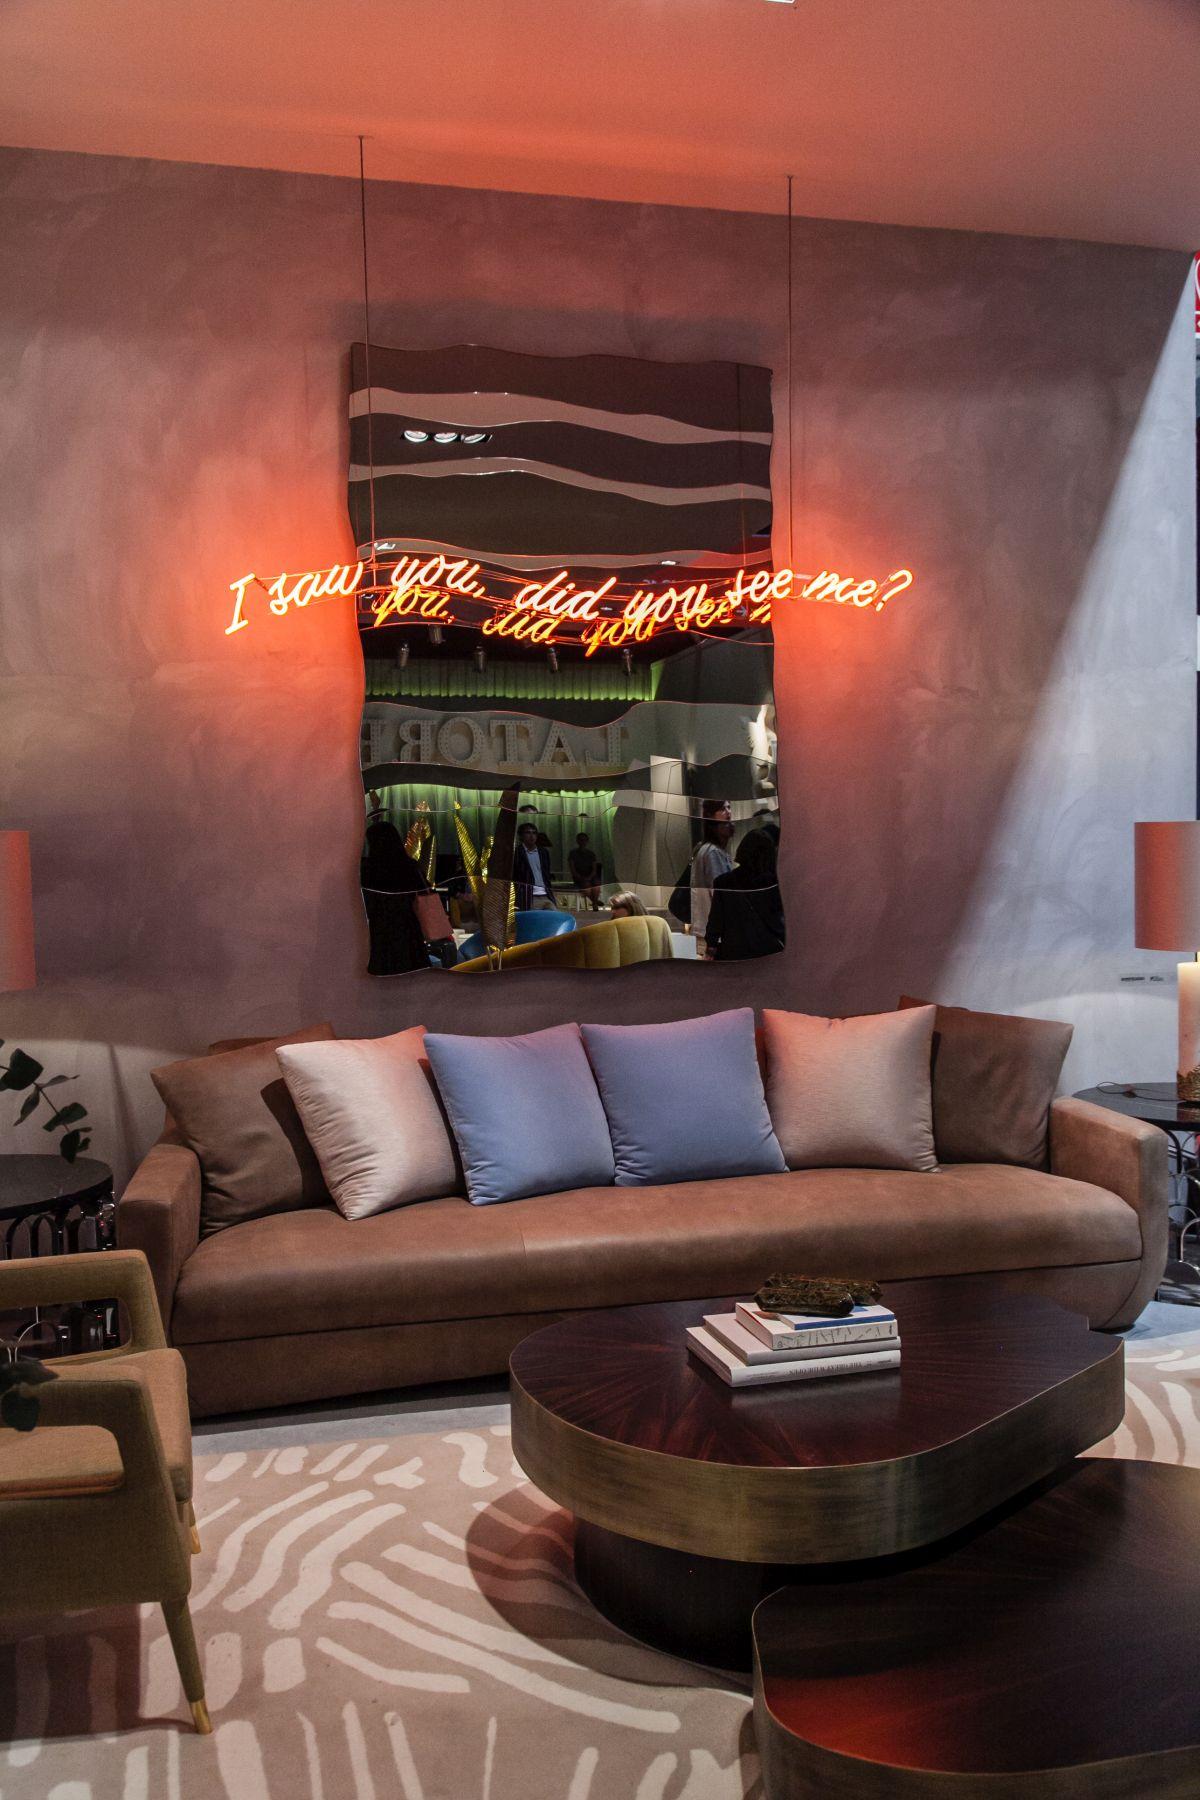 Living Room Led Light Home Decorating Trends Homedit